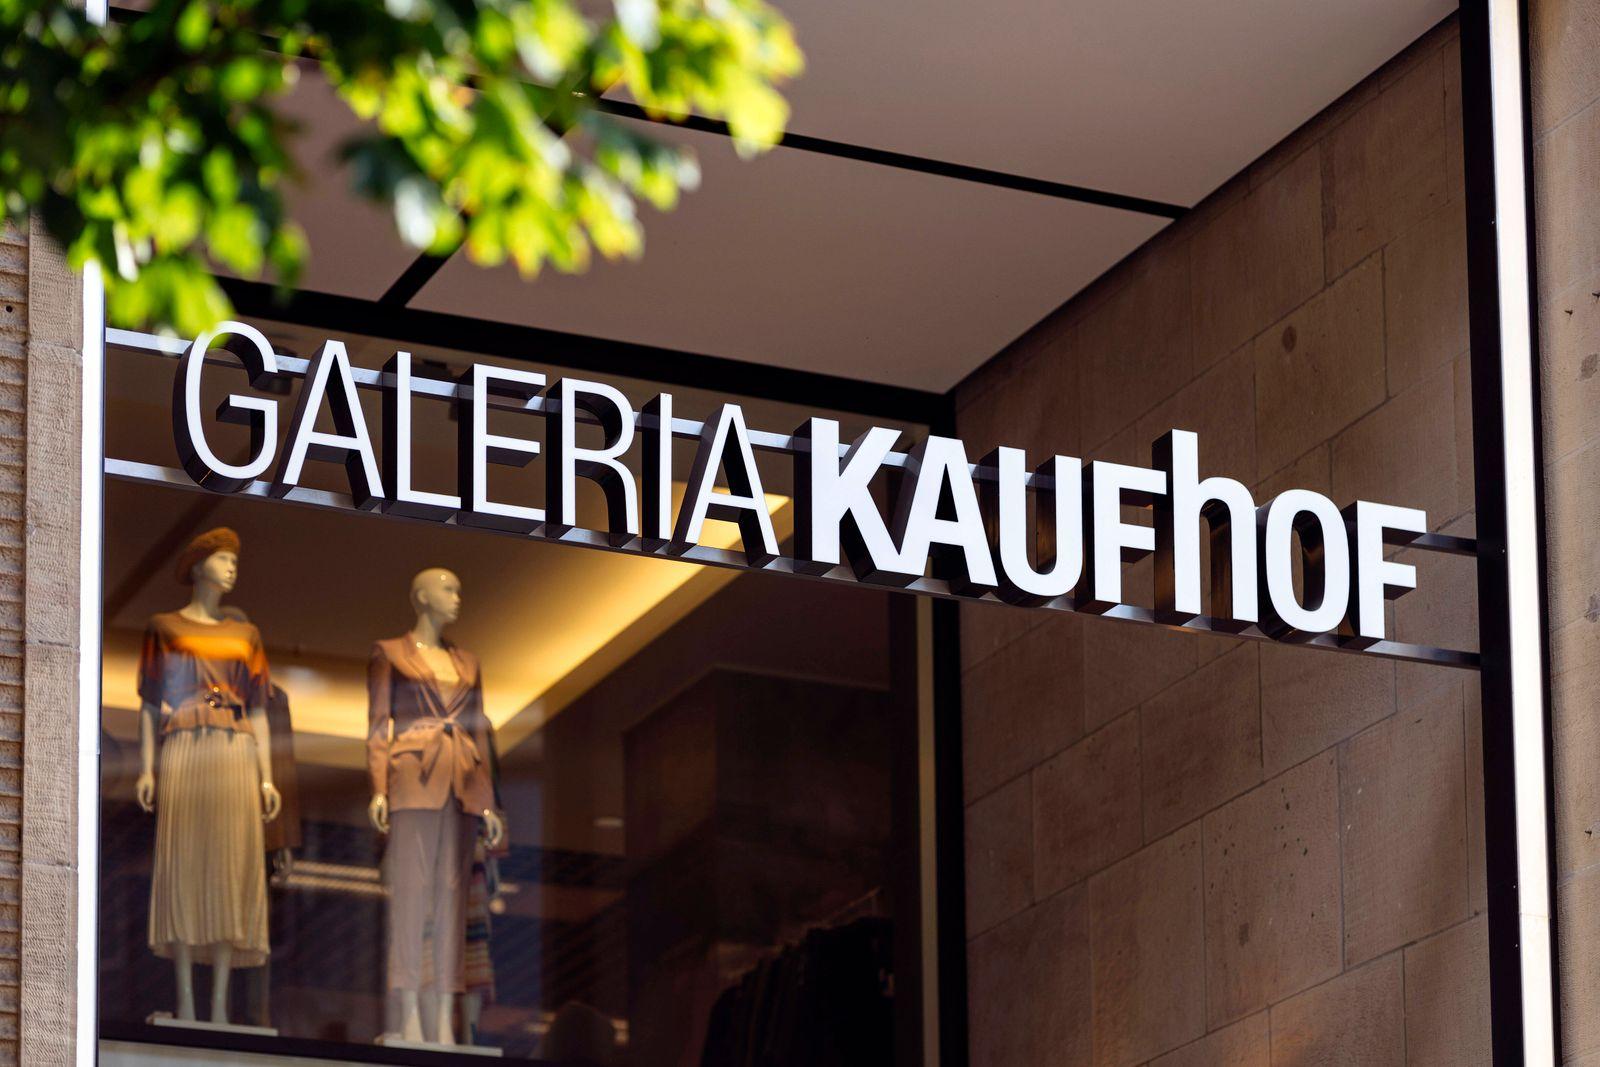 Galeria Karstadt Kaufhof schließt wegen Unwirtschaftlichkeit und Coronakrise deutschlandweit 62 Filialen, rund 6000 Arbe